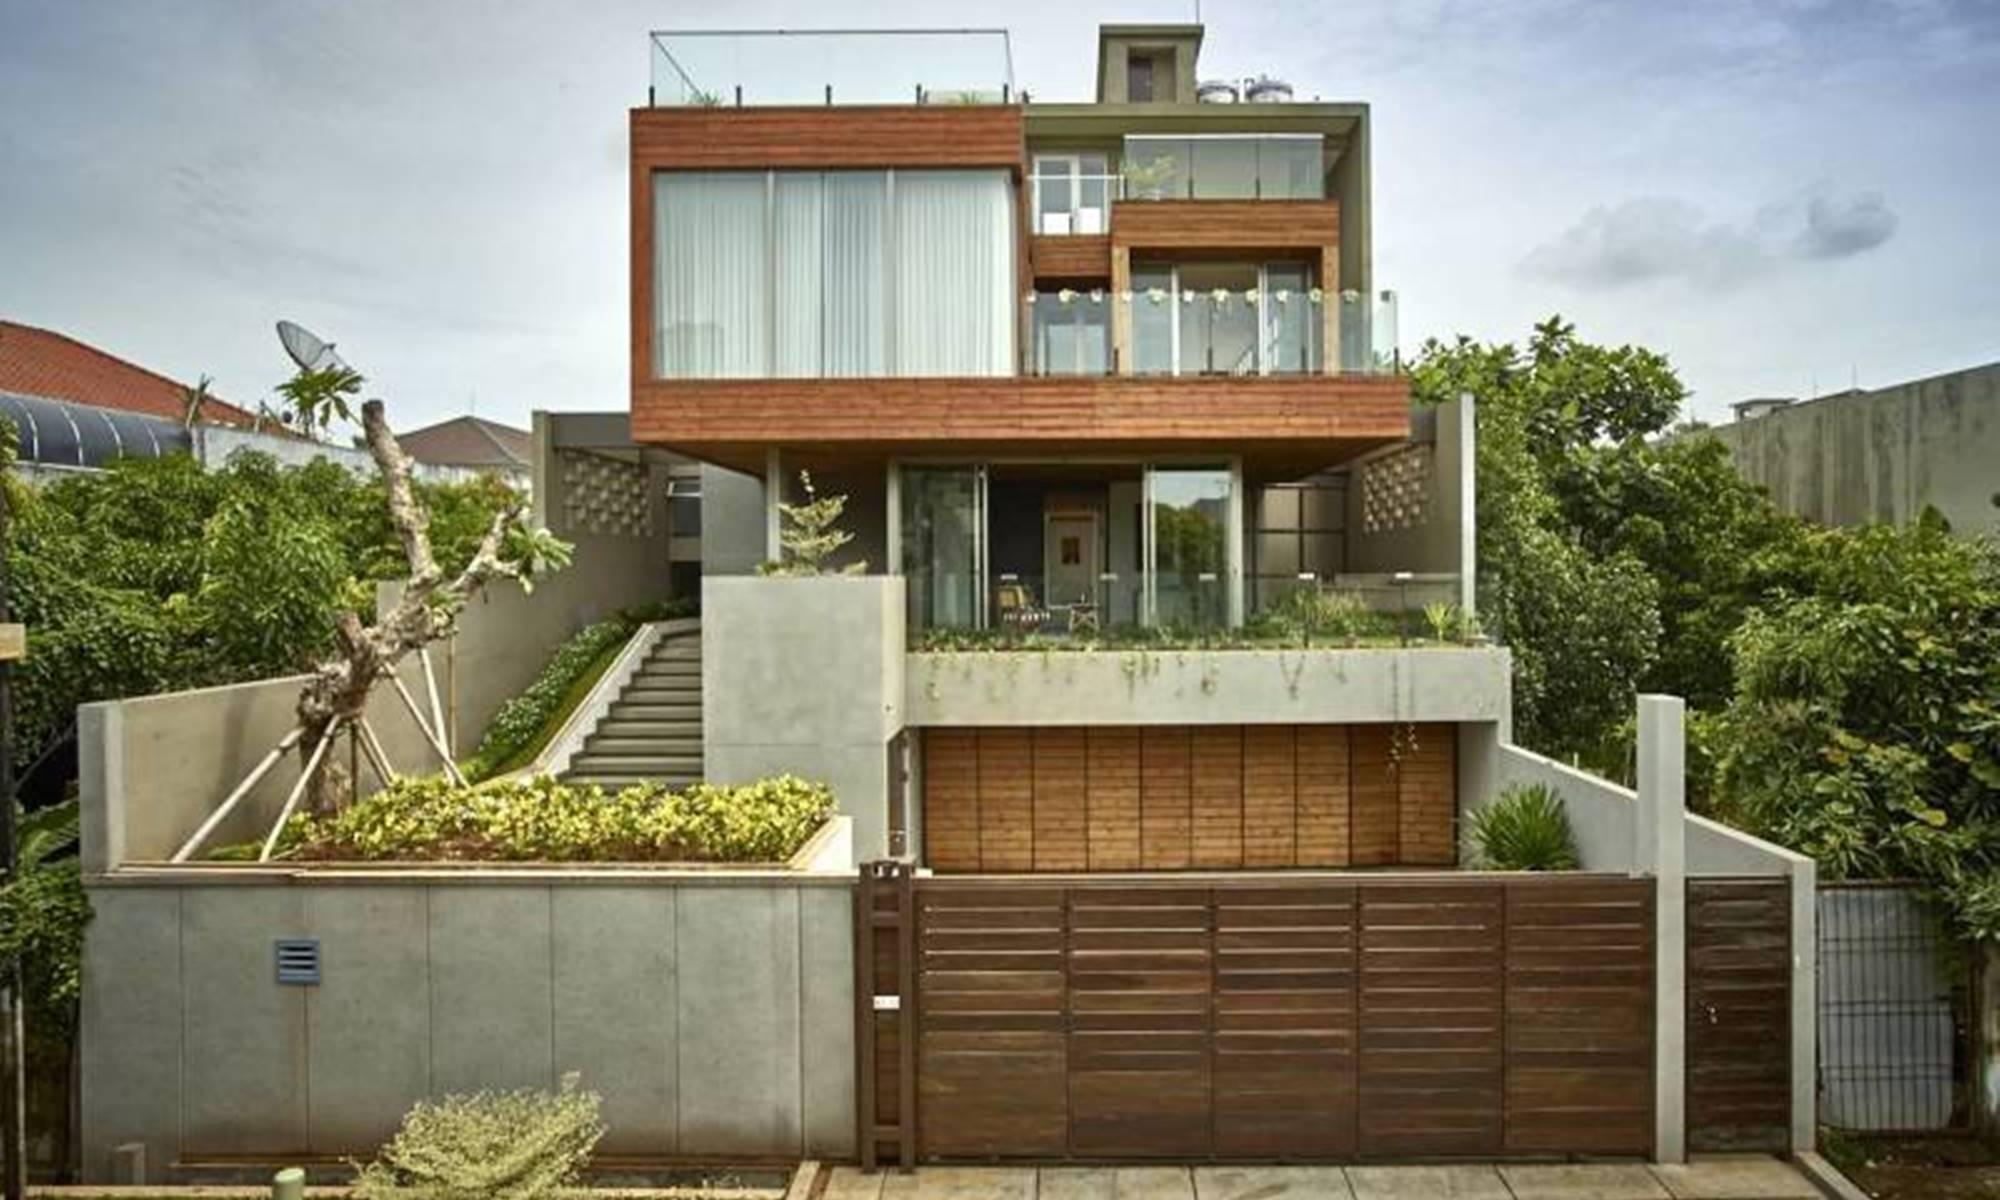 Desain Rumah Minimalis 2 Lantai Di Jepang Deagam Design